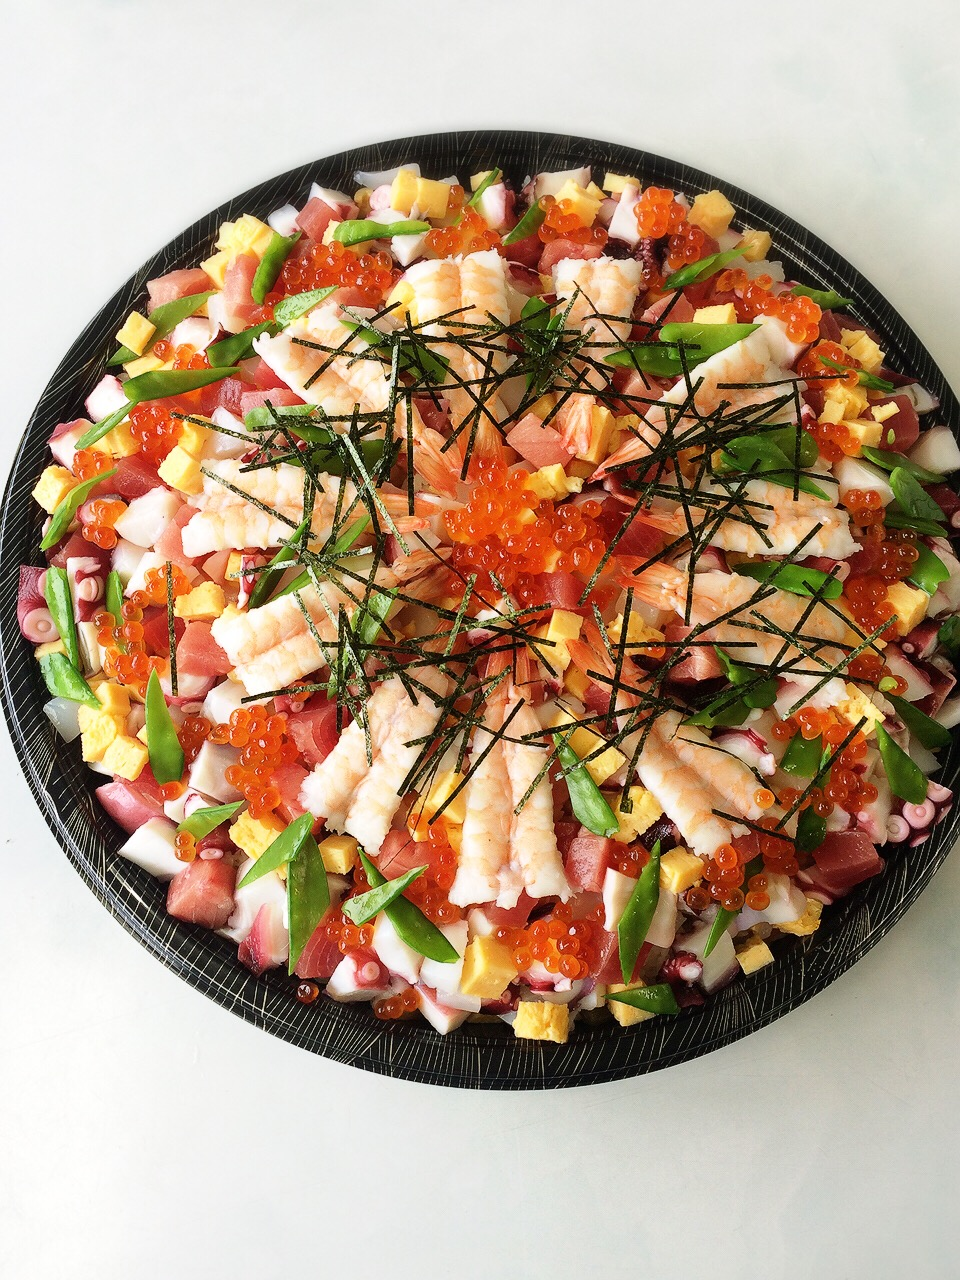 川崎市地方卸売市場南部市場ちらし寿司かご福